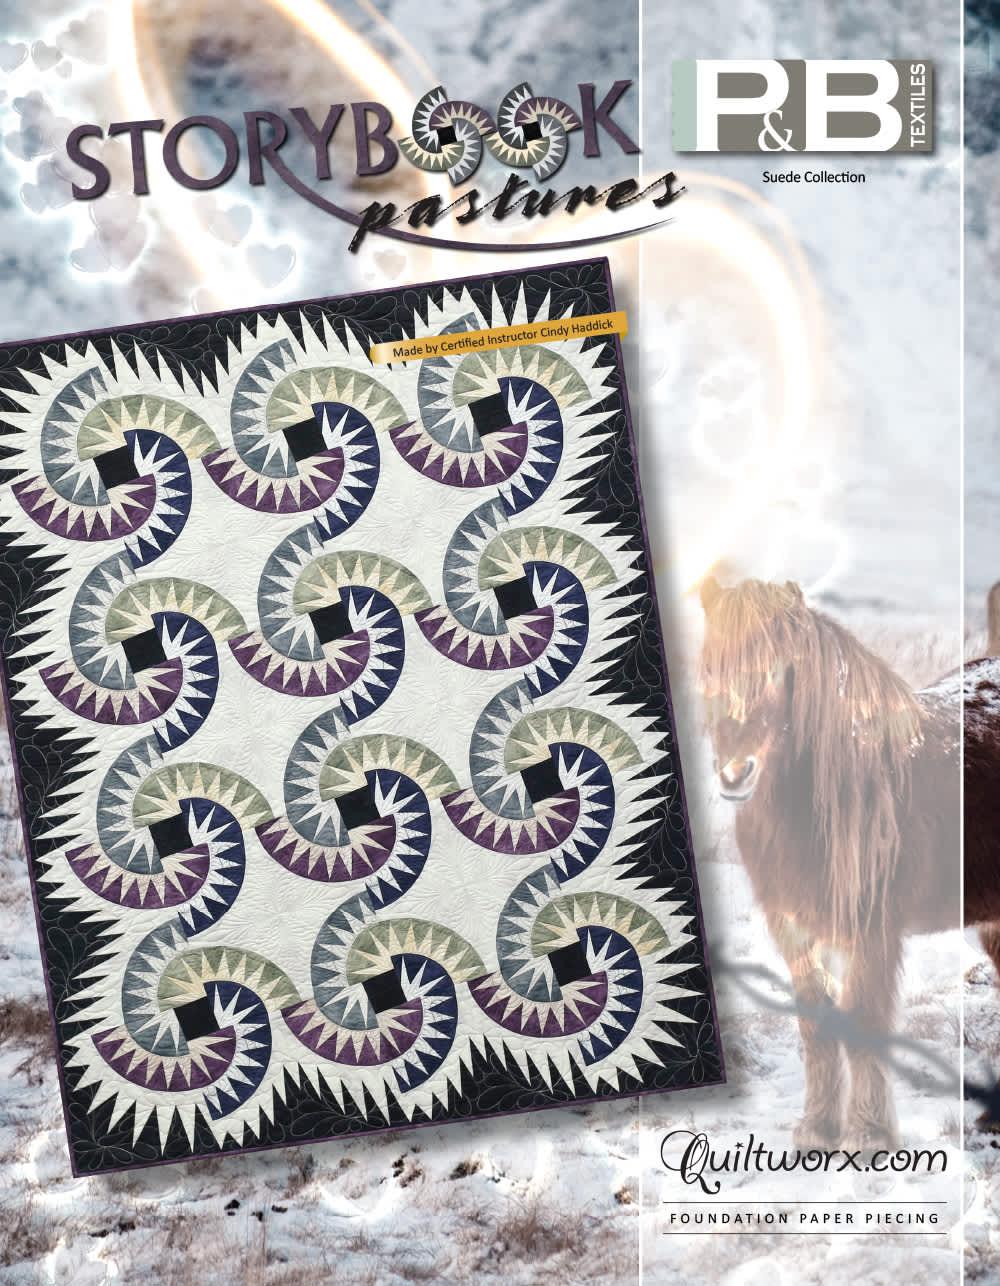 Storybook Pastures